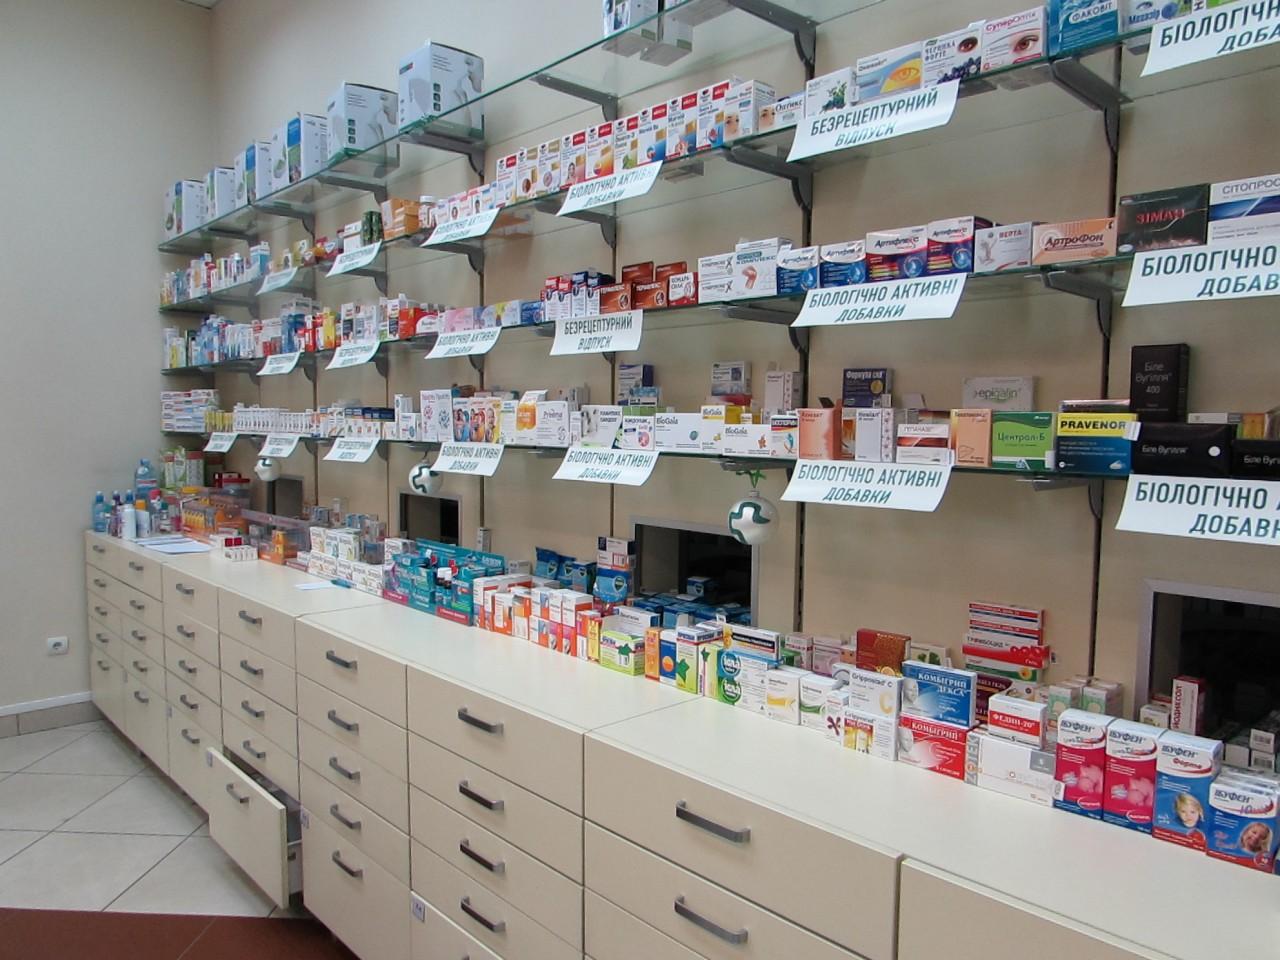 Ужасный дефицит: С полок украинских аптек исчезает все больше лекарств